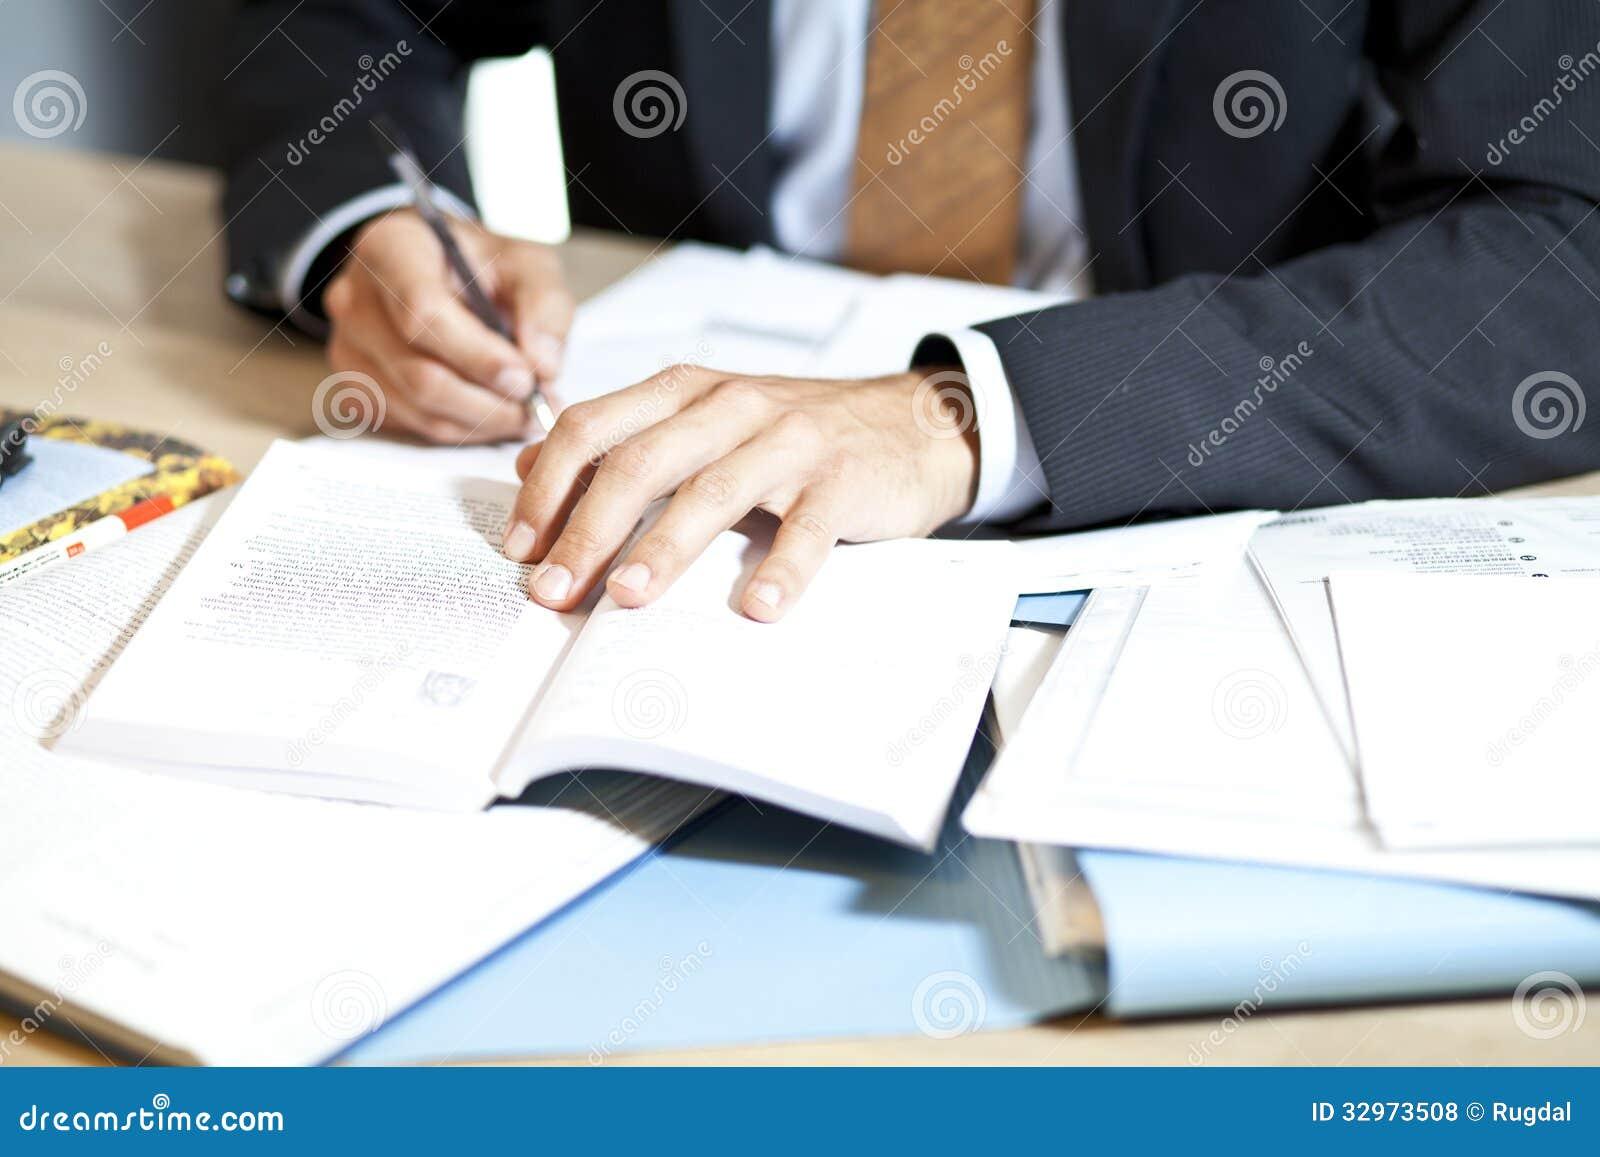 Homme dur au travail au bureau photos libres de droits image 32973508 for Photos gratuites travail bureau